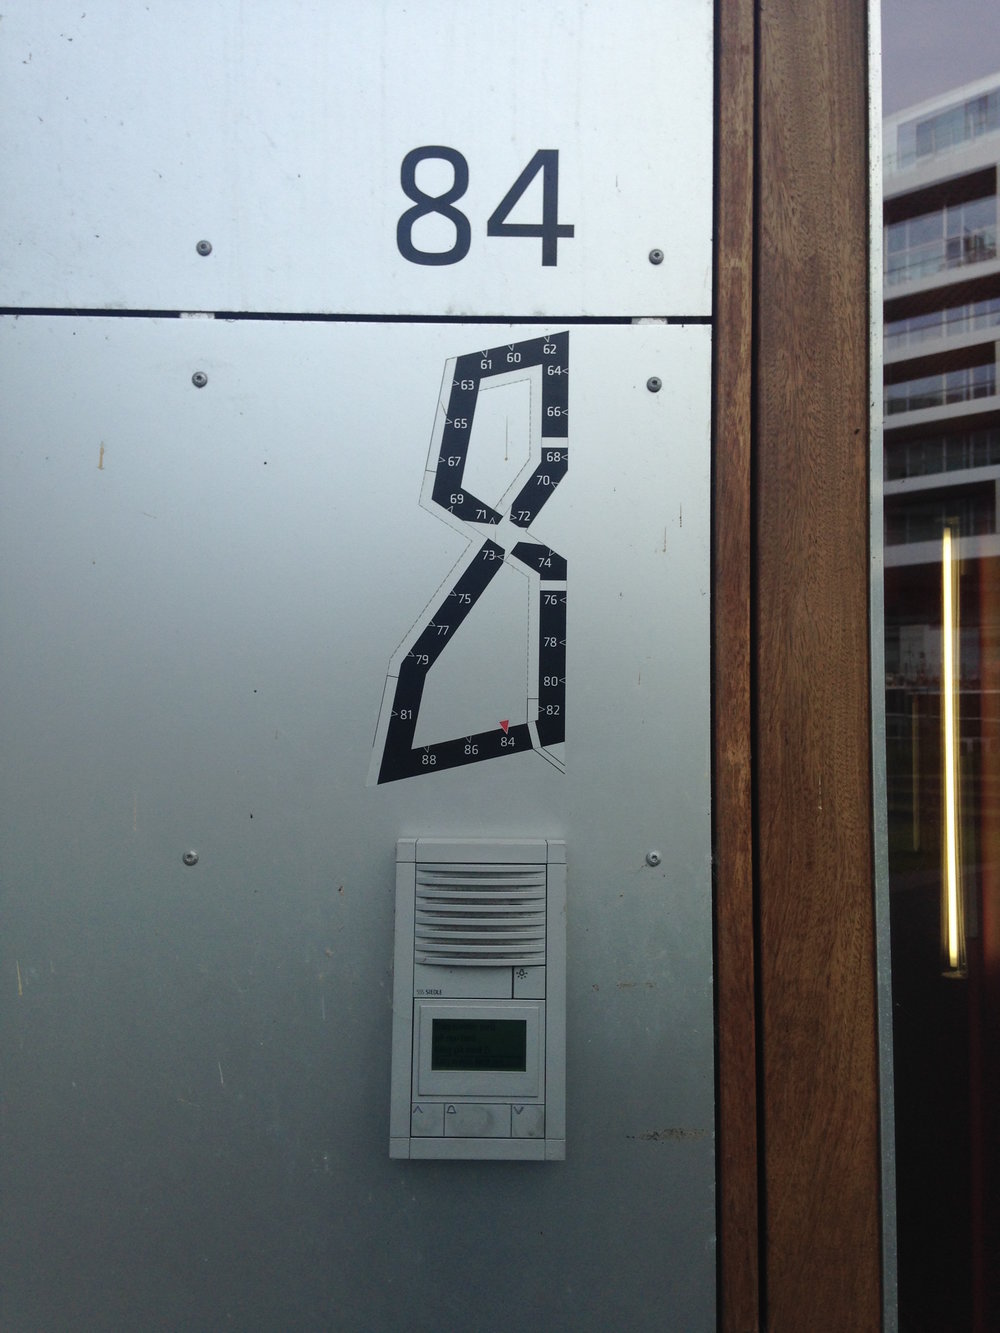 number-graphic-copenhagen.jpg